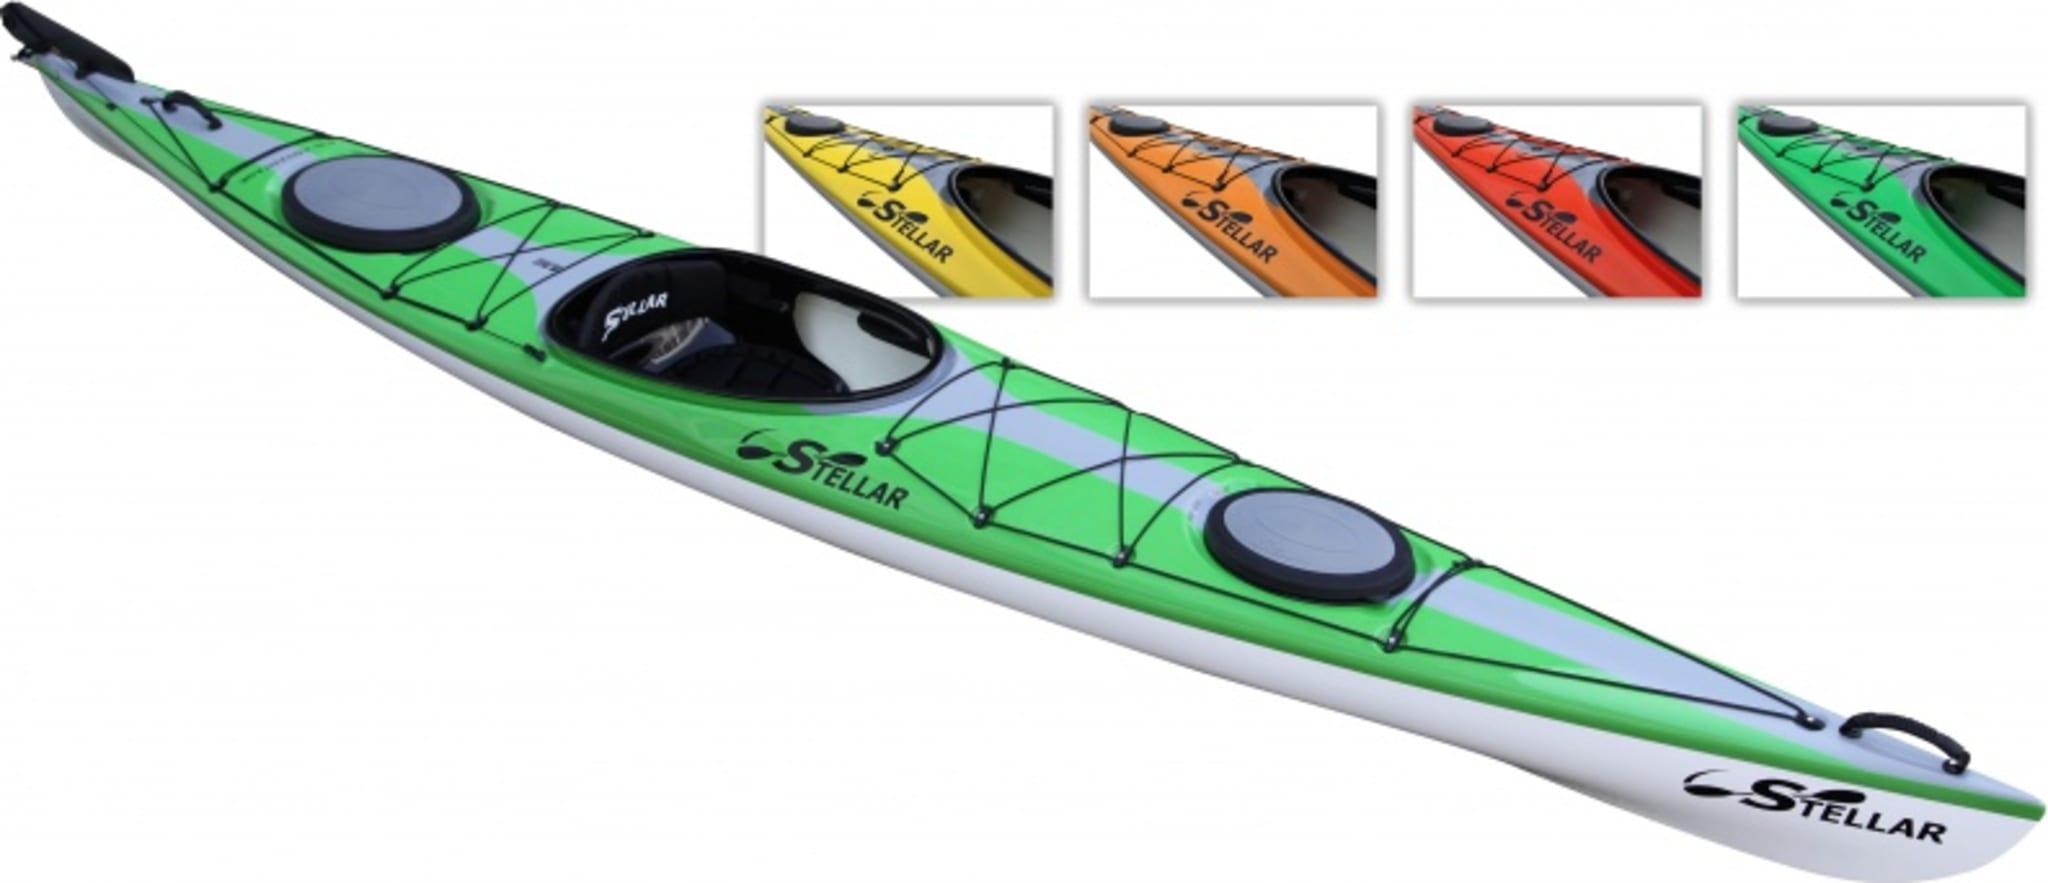 Lettpadlet og stabil kajakk for de litt lettere padlerne!